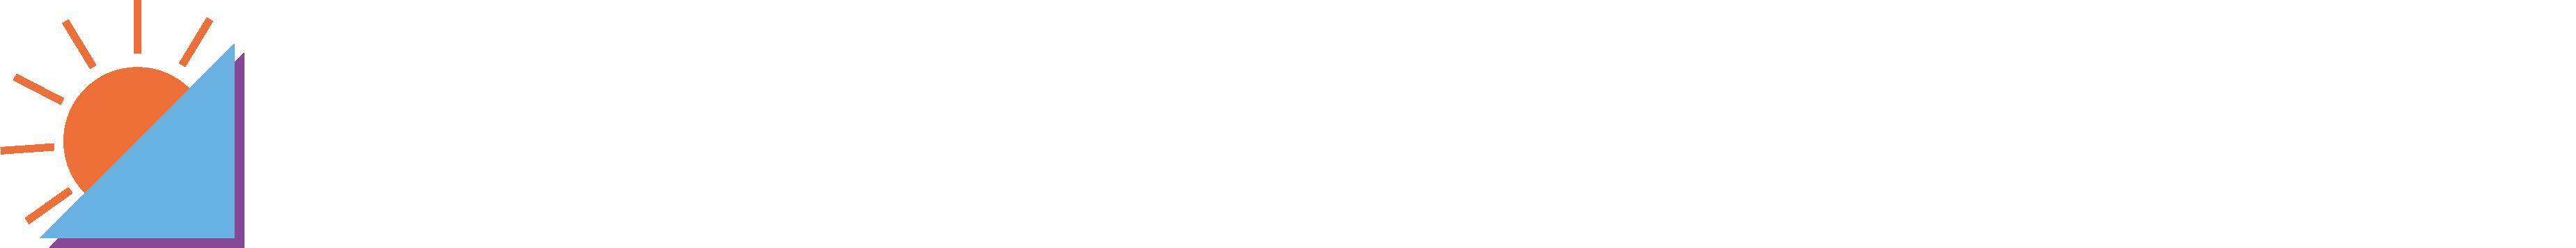 日向坂46スケジュールまとめ